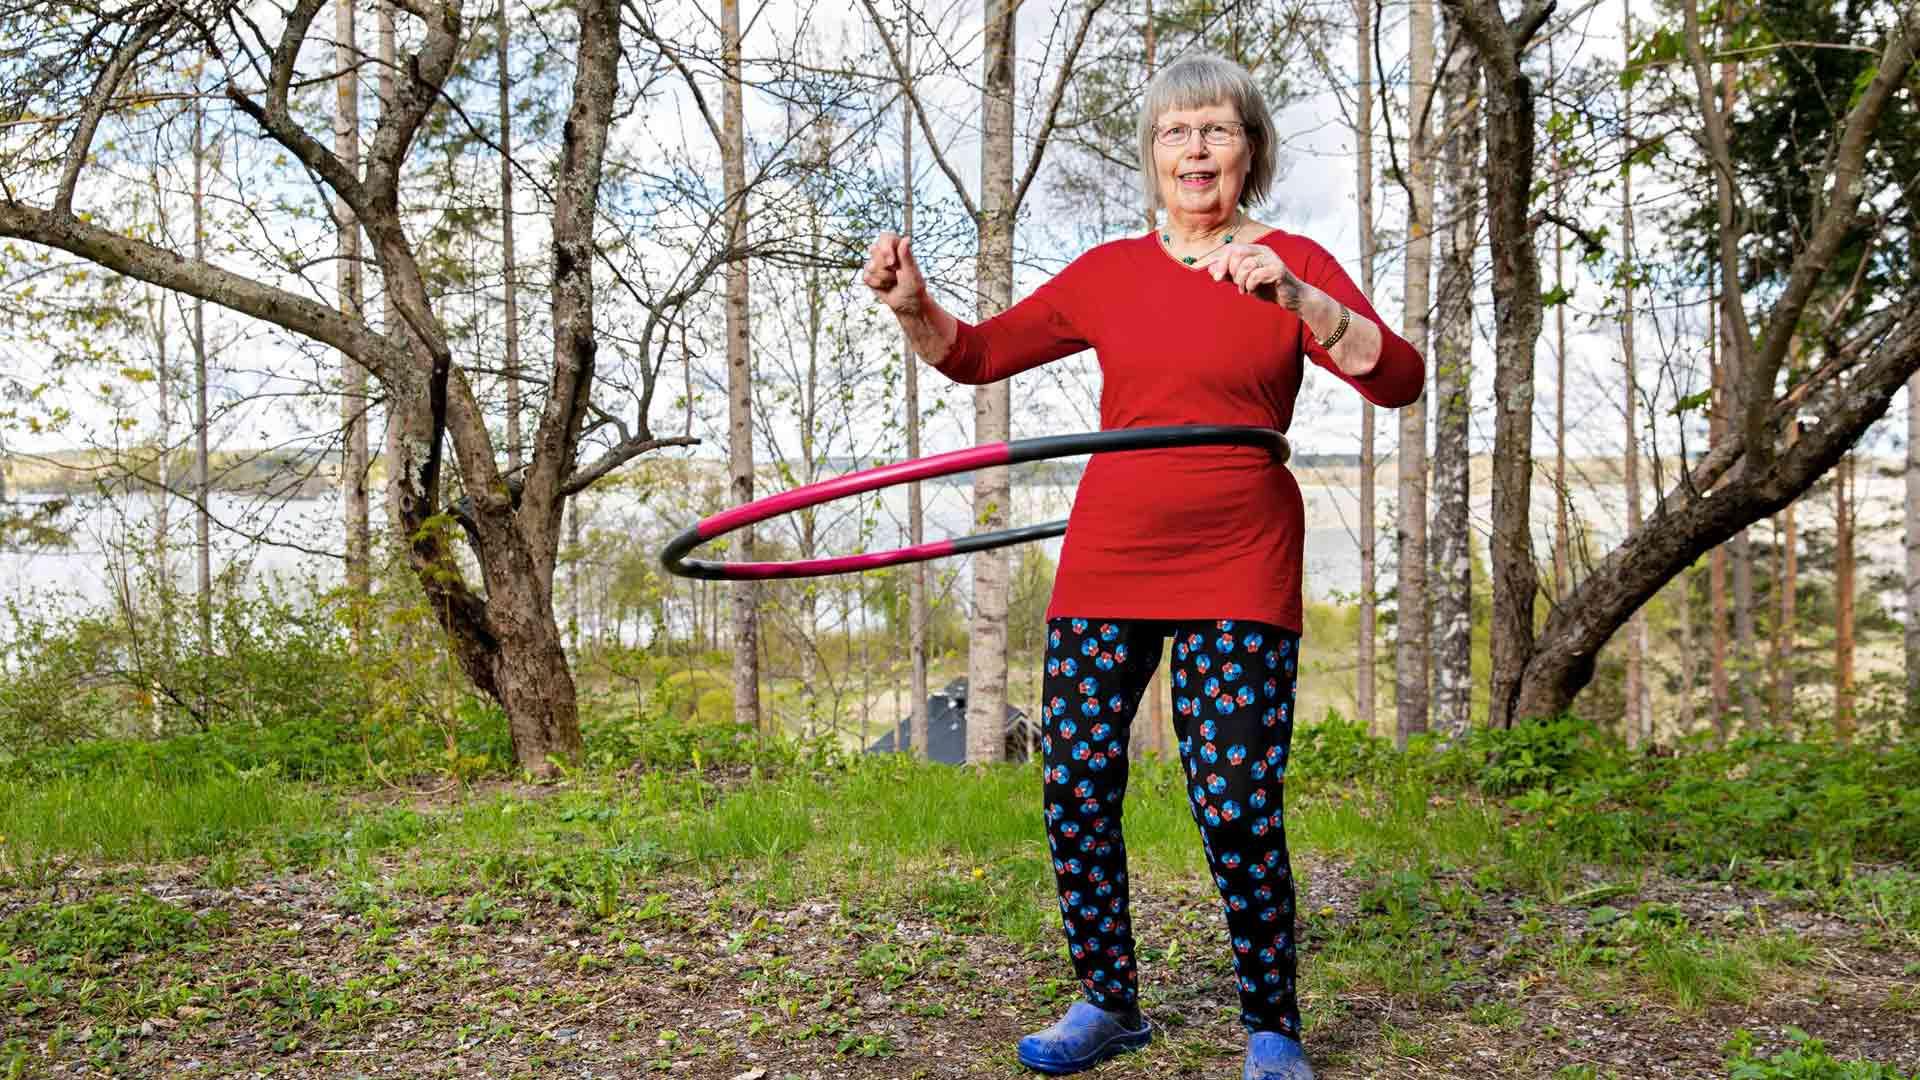 Liikunta auttaa jaksamaan fyysisesti raskasta omaishoidon arkea, mutta se on Anja Rautiolalle myös henkireikä.